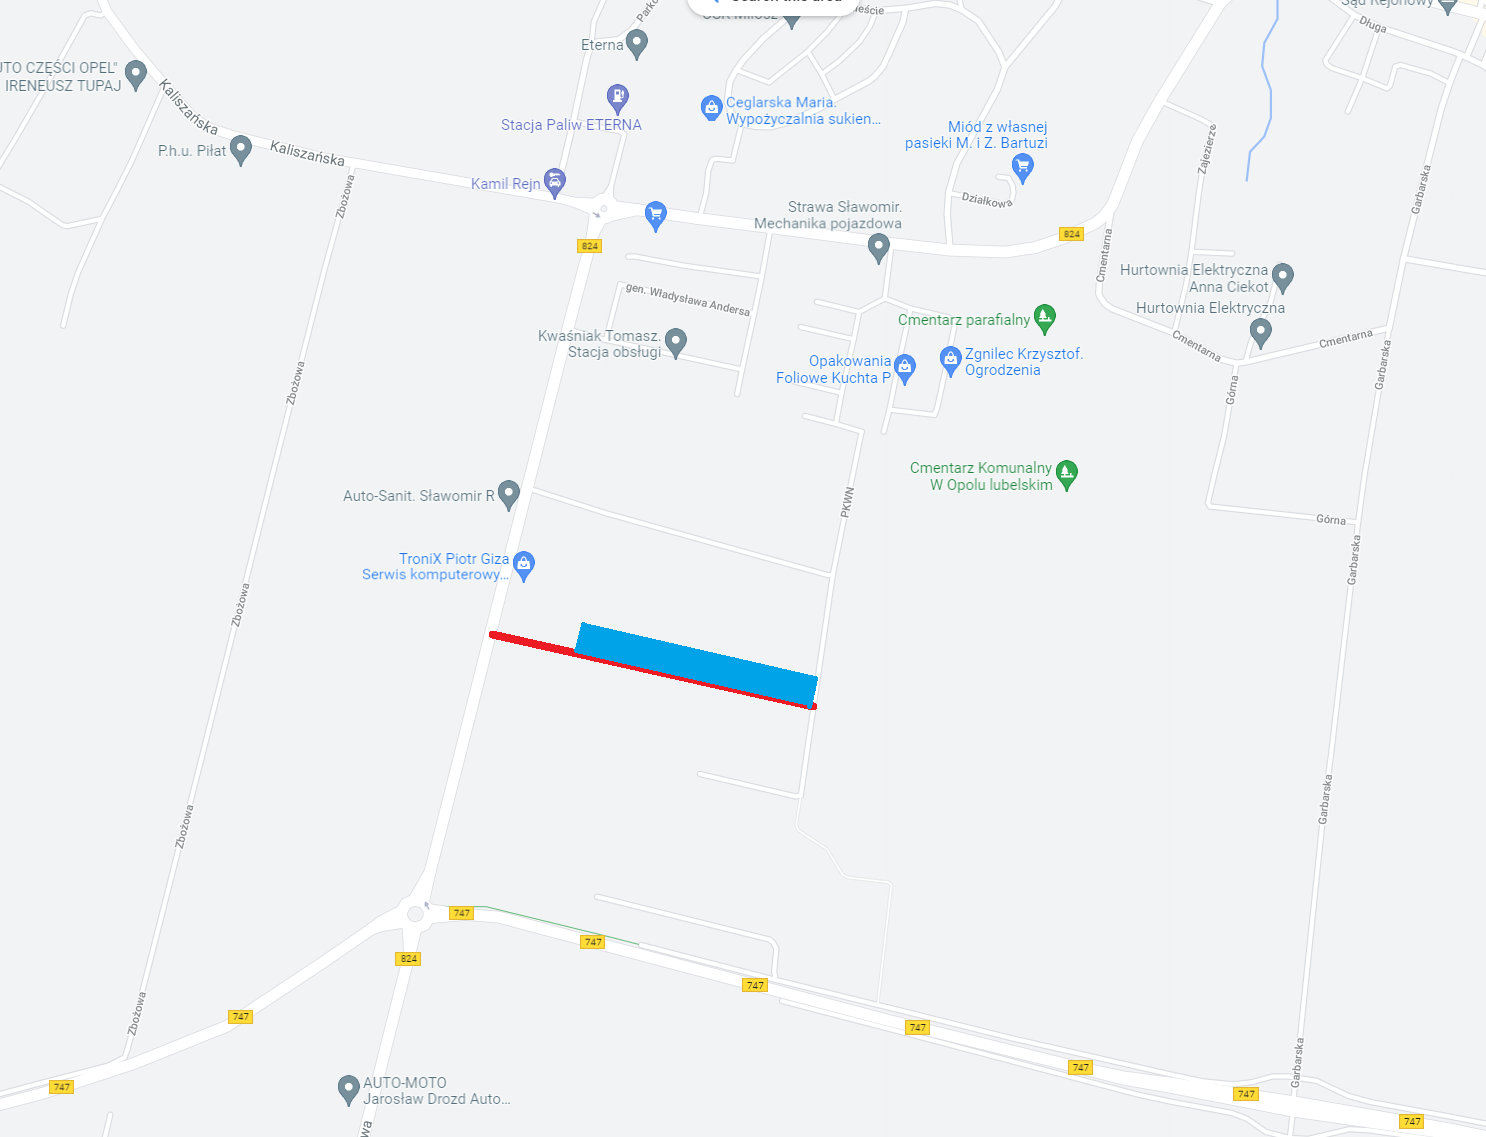 DZIAŁKI BUDOWLANE 10arów Opole Lubelskie